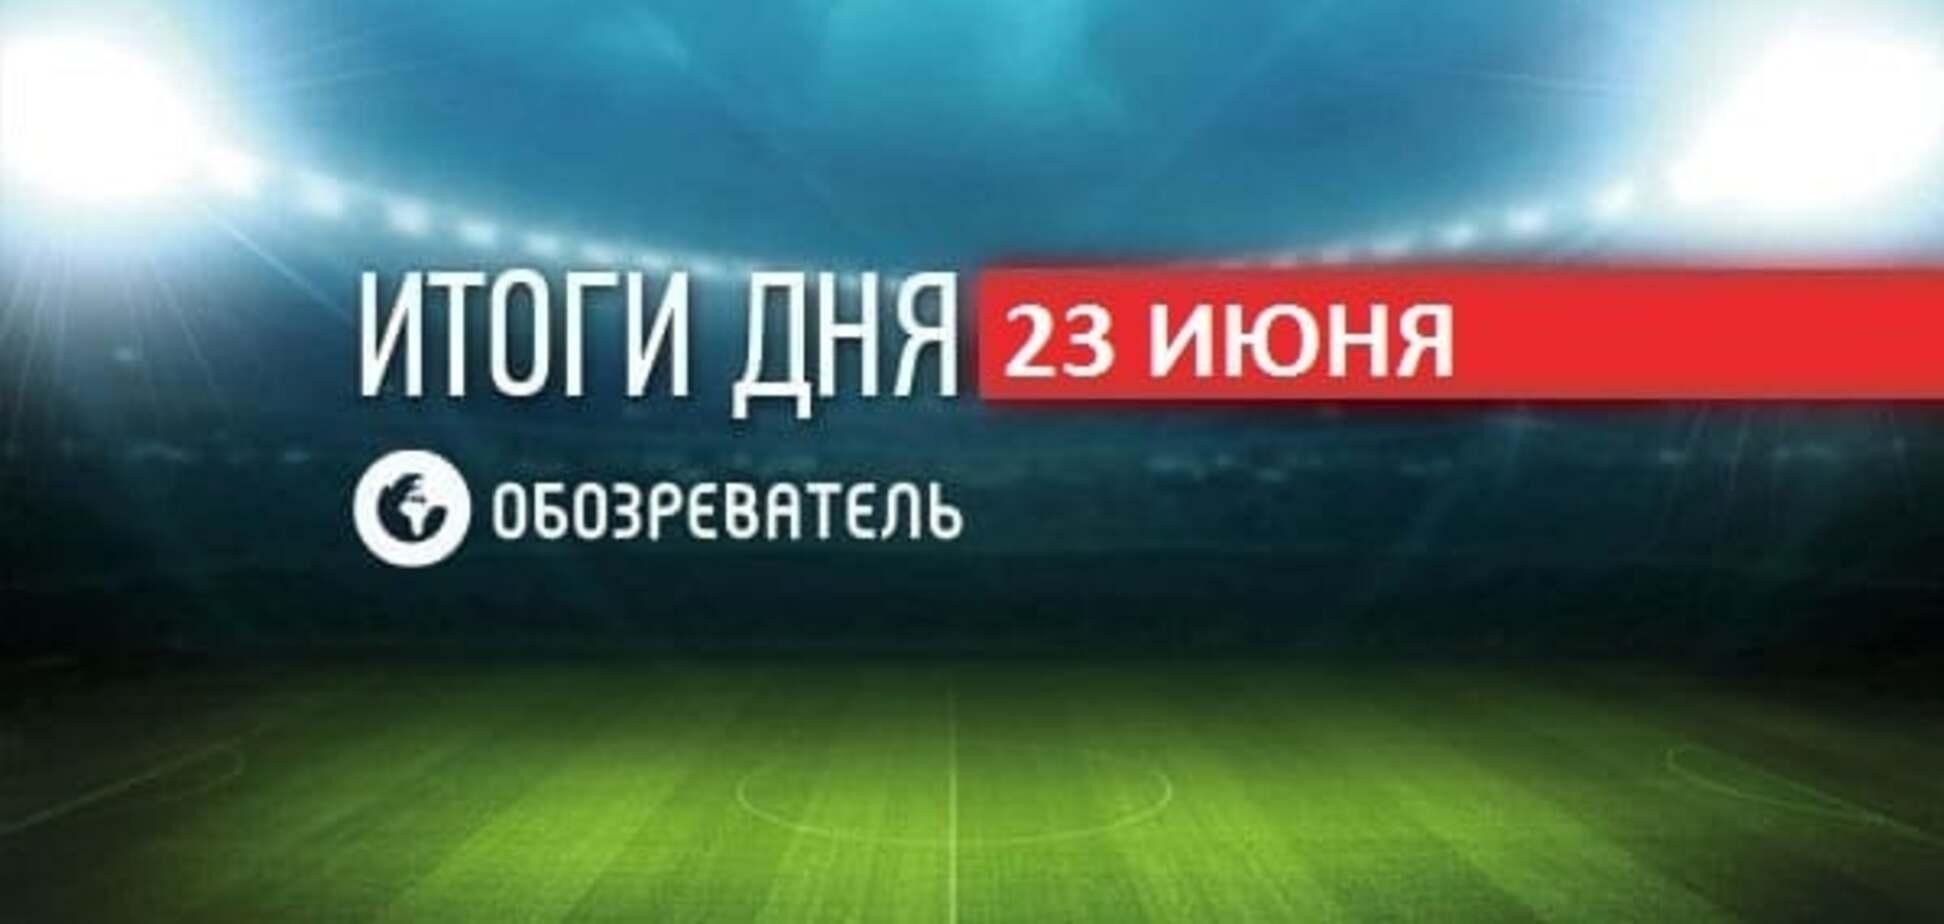 Отставка Фоменко и издевательство над Роналду. Спортивные итоги 23 июня